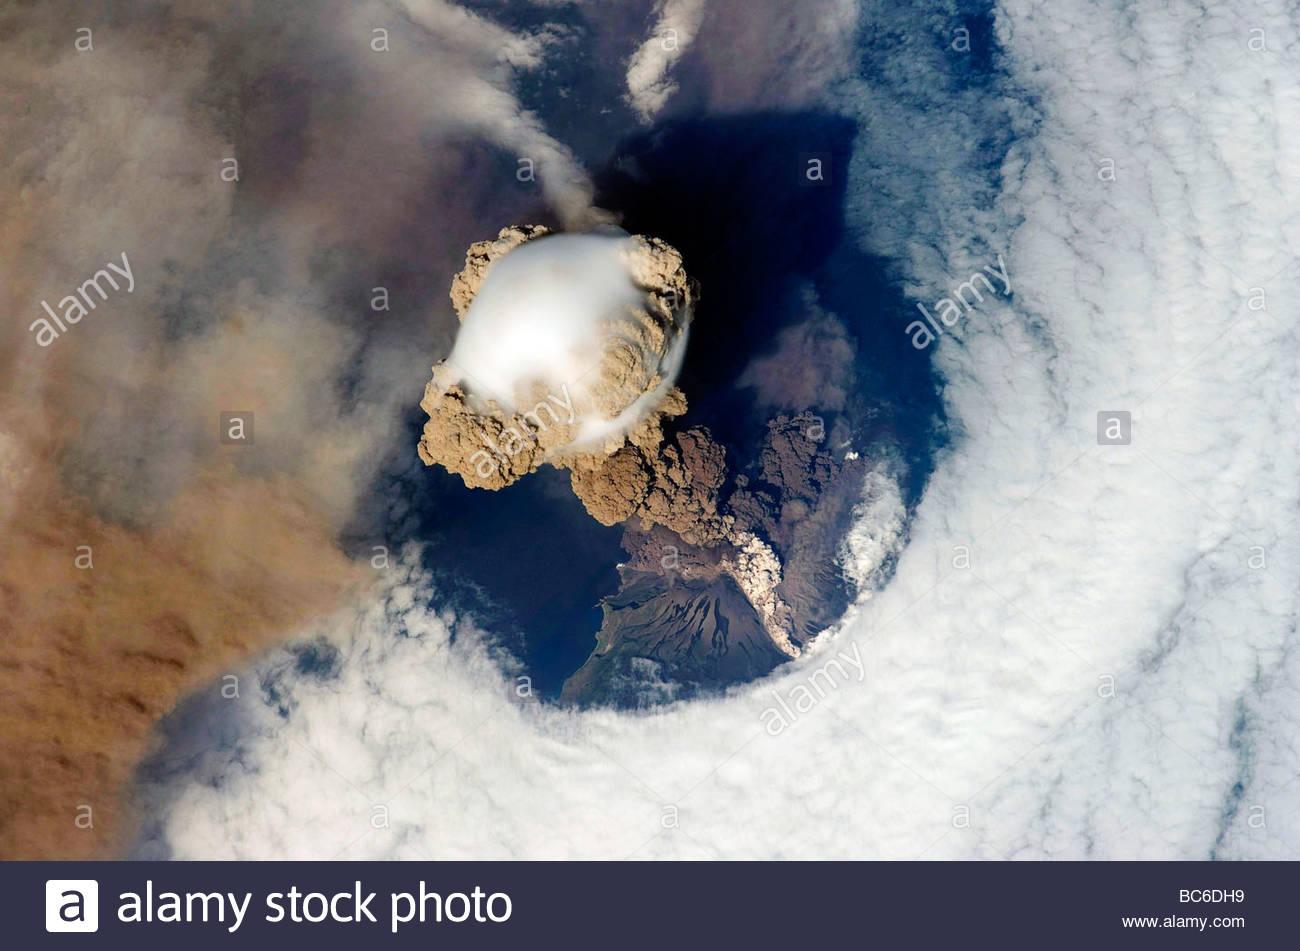 Volcan sarytchev à partir de l'espace Station spatiale de la Nasa a photographié le 12 juin 2009 à Photo Stock